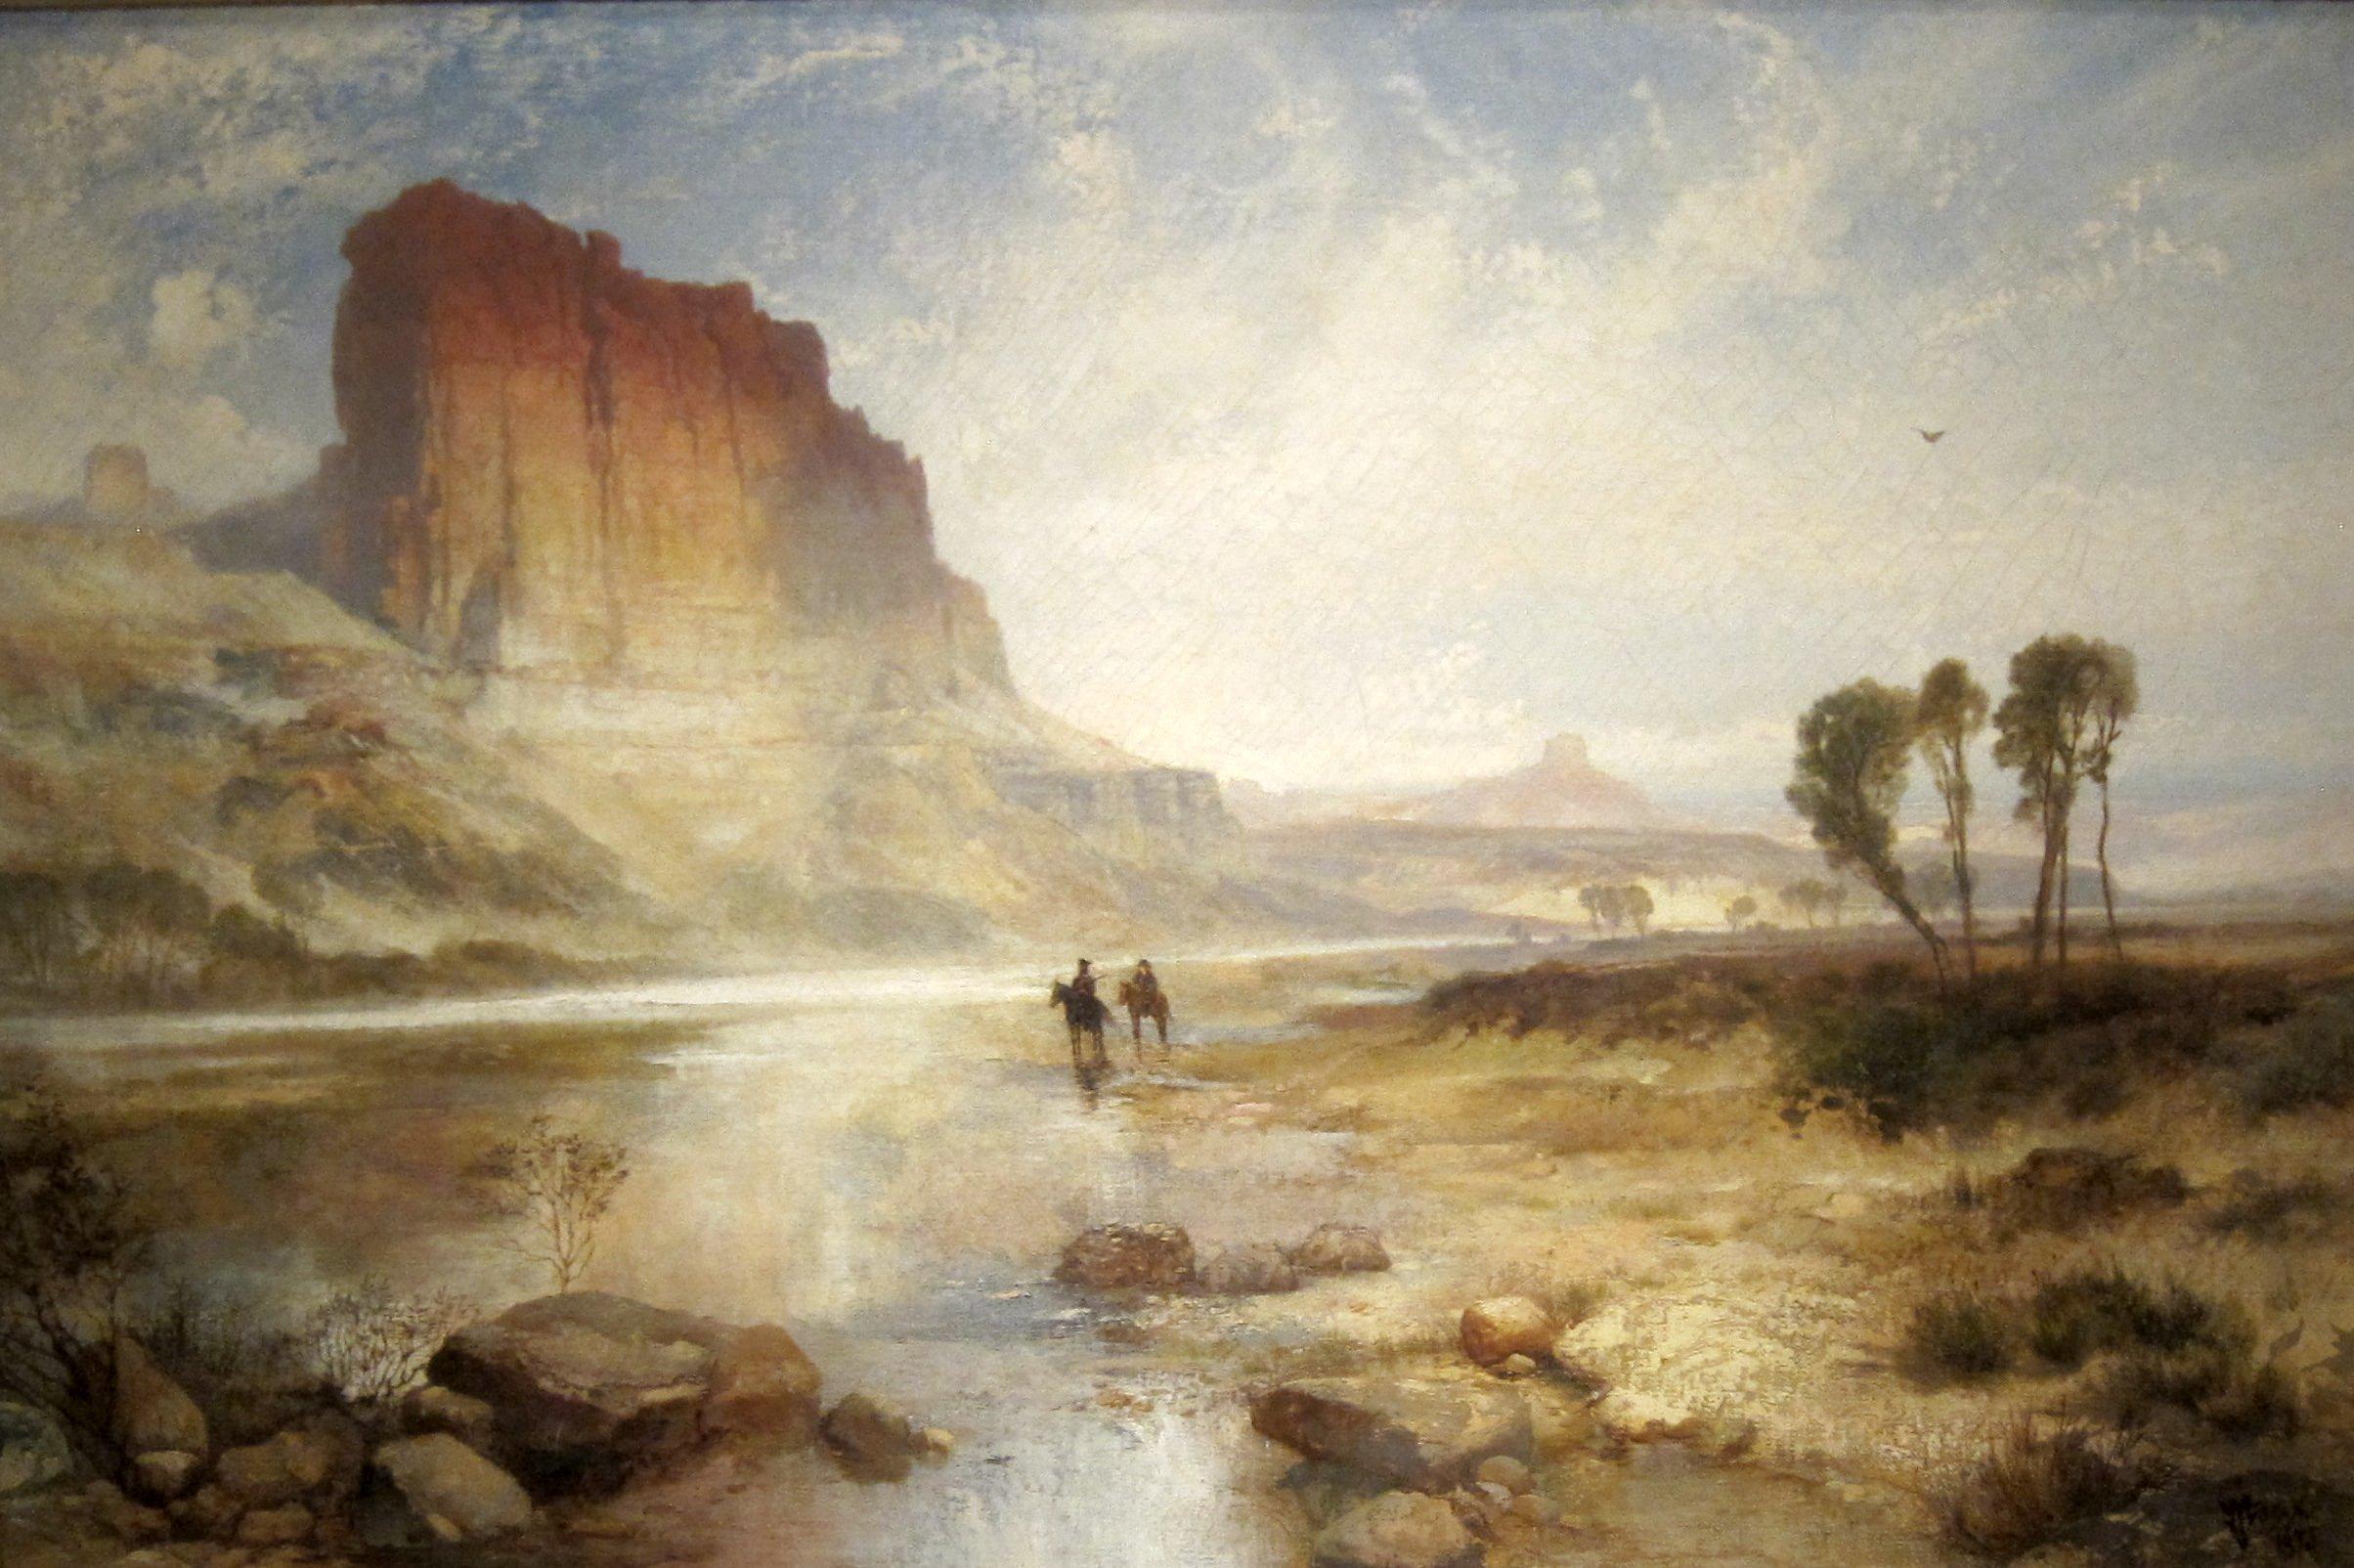 'The_Cliffs_of_Green_River,_Wyoming_Territory'_by_Thomas_Moran,_Cincinnati